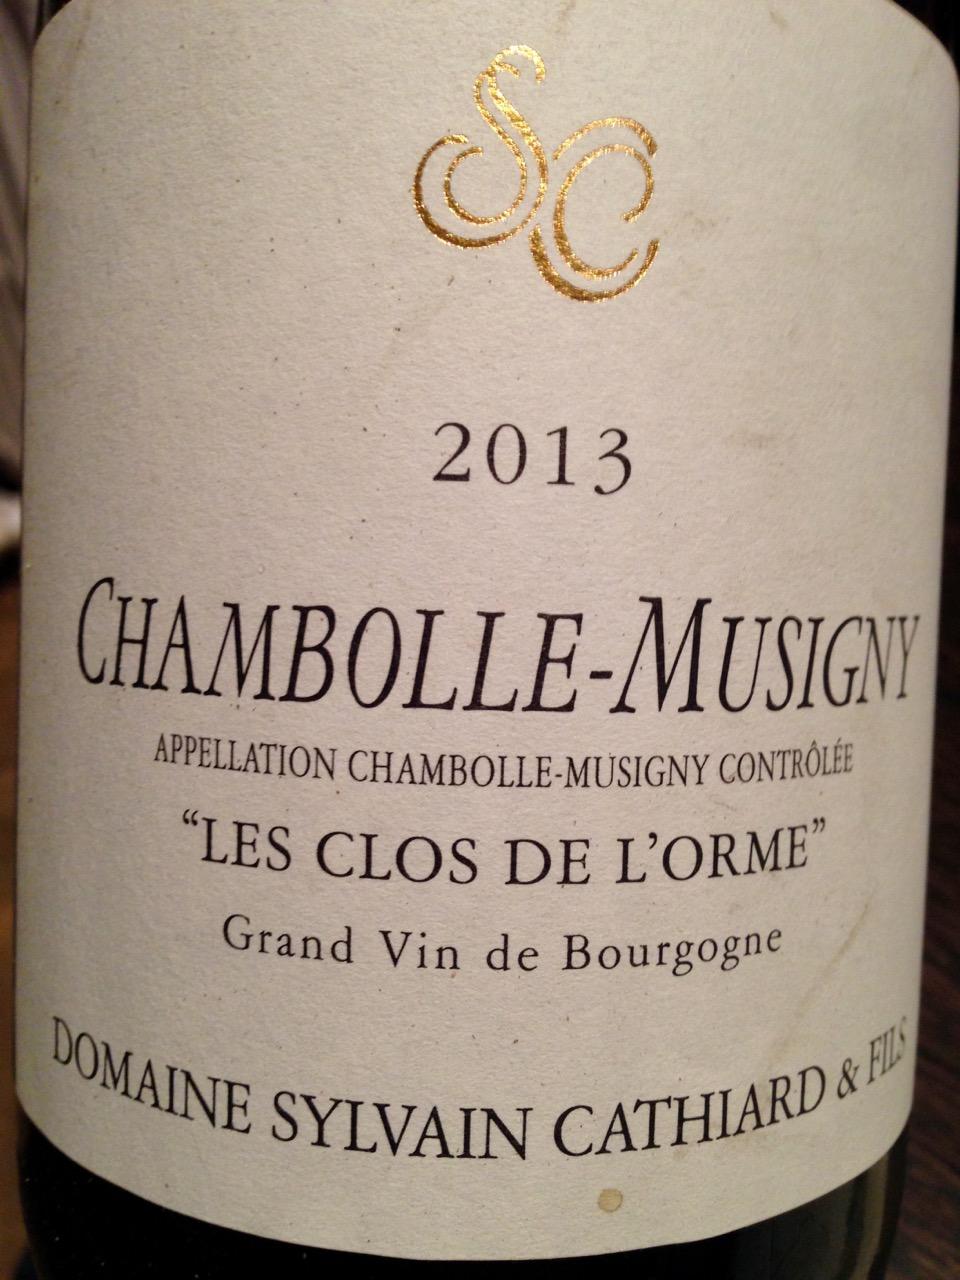 Restaurant Les Trois Petits Bouchons - Chambolle-Musigny Les Clos de l'Orme 2013 de chez Sylvain Cathiard